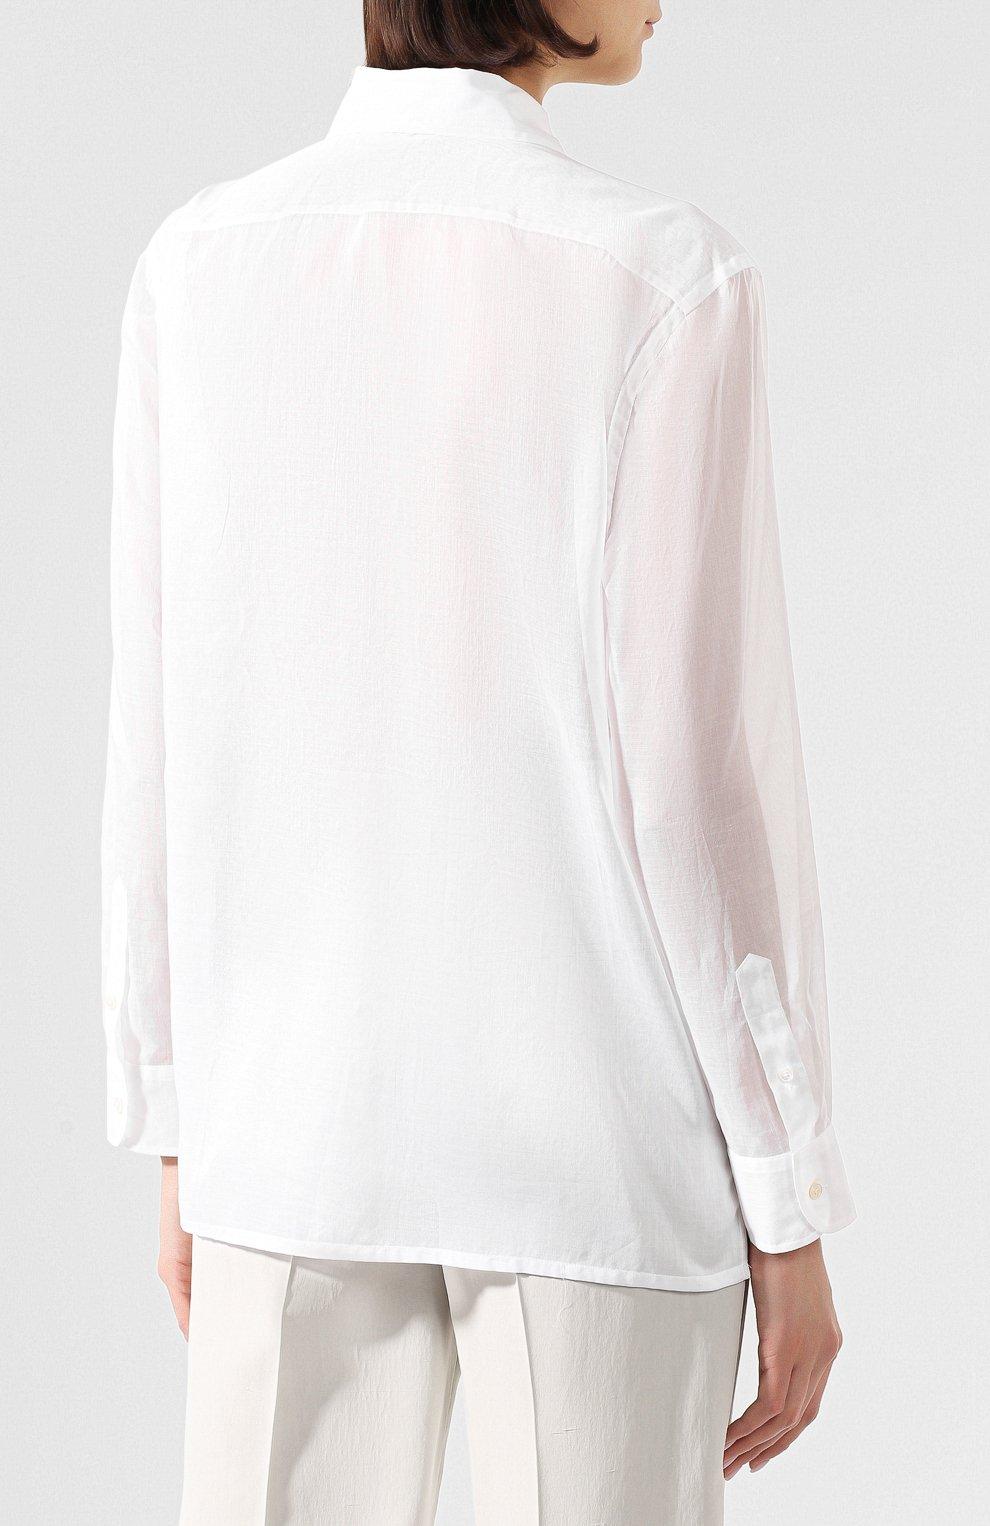 Женская хлопковая рубашка RALPH LAUREN белого цвета, арт. 290797866 | Фото 4 (Рукава: Длинные; Принт: Без принта; Женское Кросс-КТ: Рубашка-одежда; Длина (для топов): Стандартные, Удлиненные; Материал внешний: Хлопок; Стили: Кэжуэл; Статус проверки: Проверена категория)